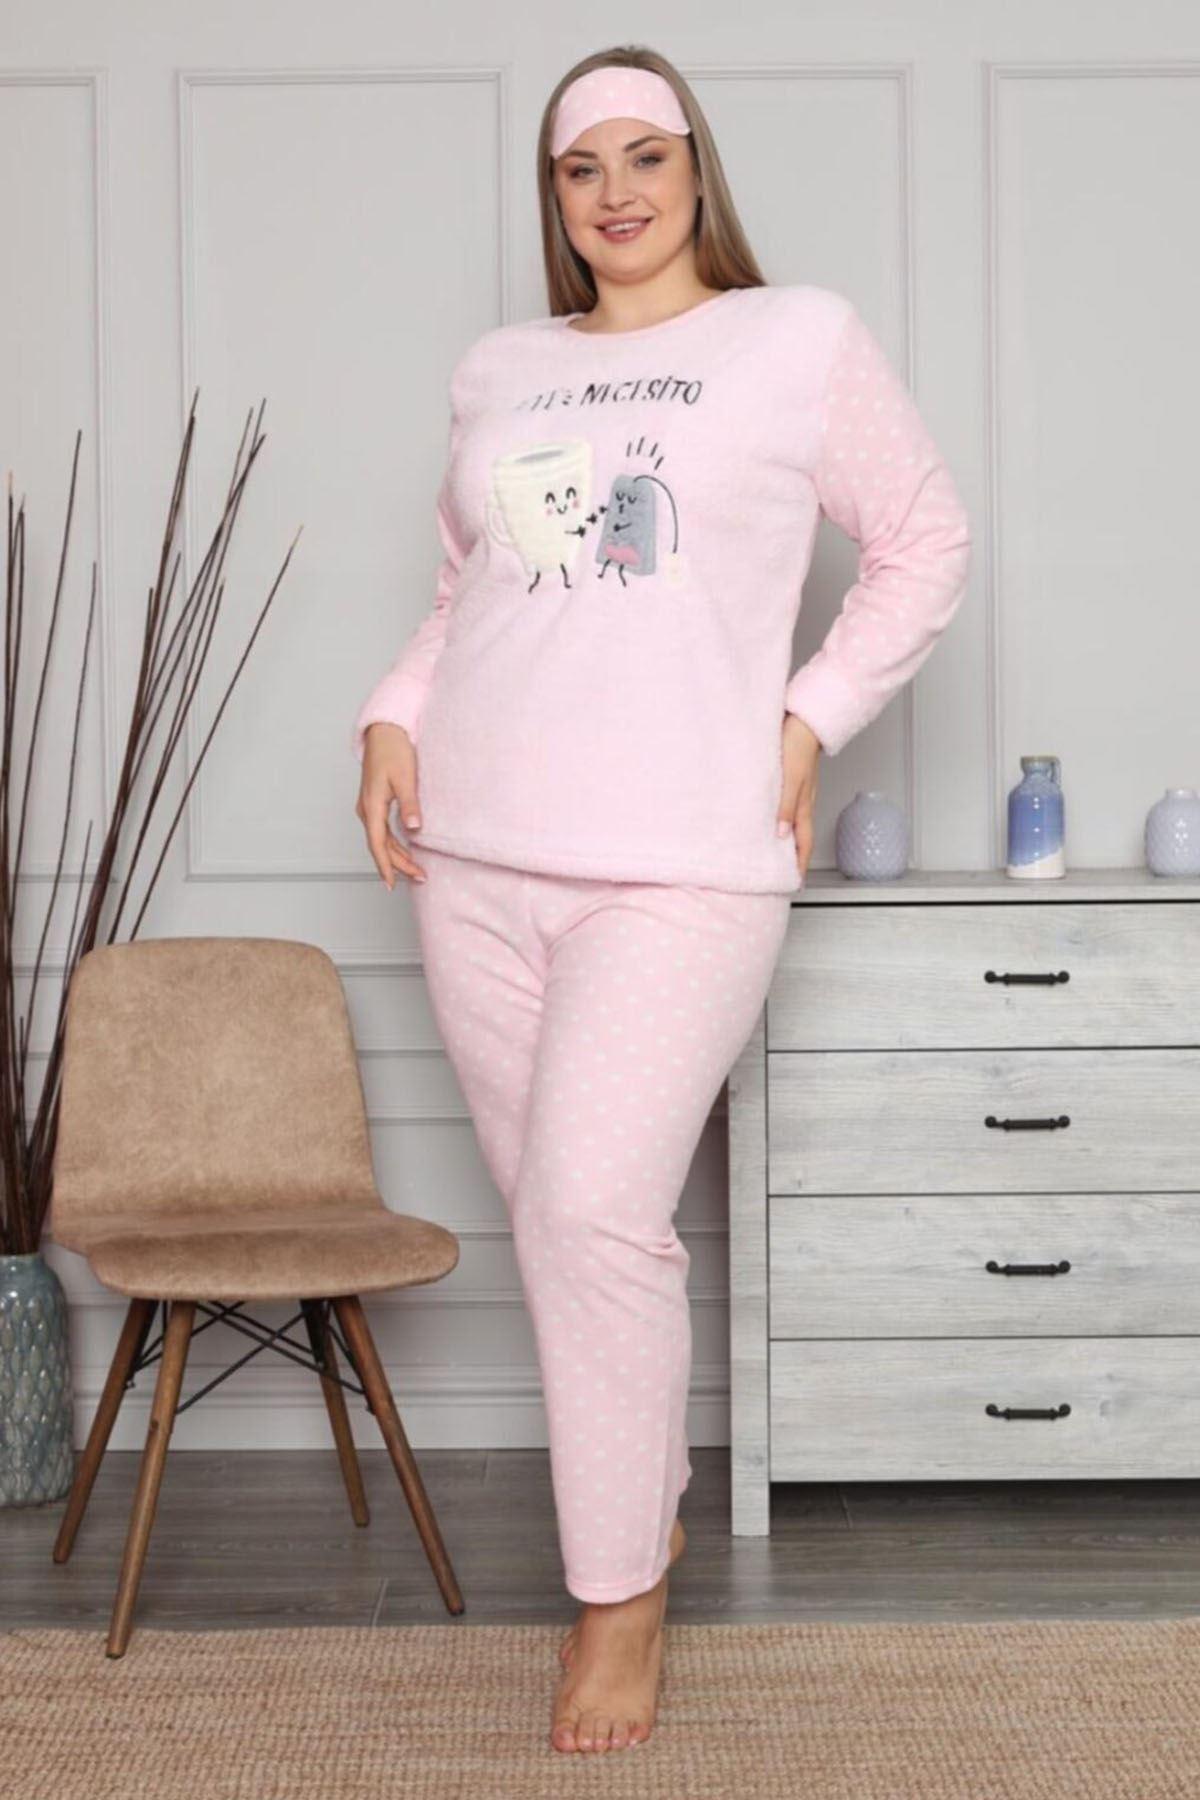 Welsoft Pembe Pijama Takımı 32D-1452